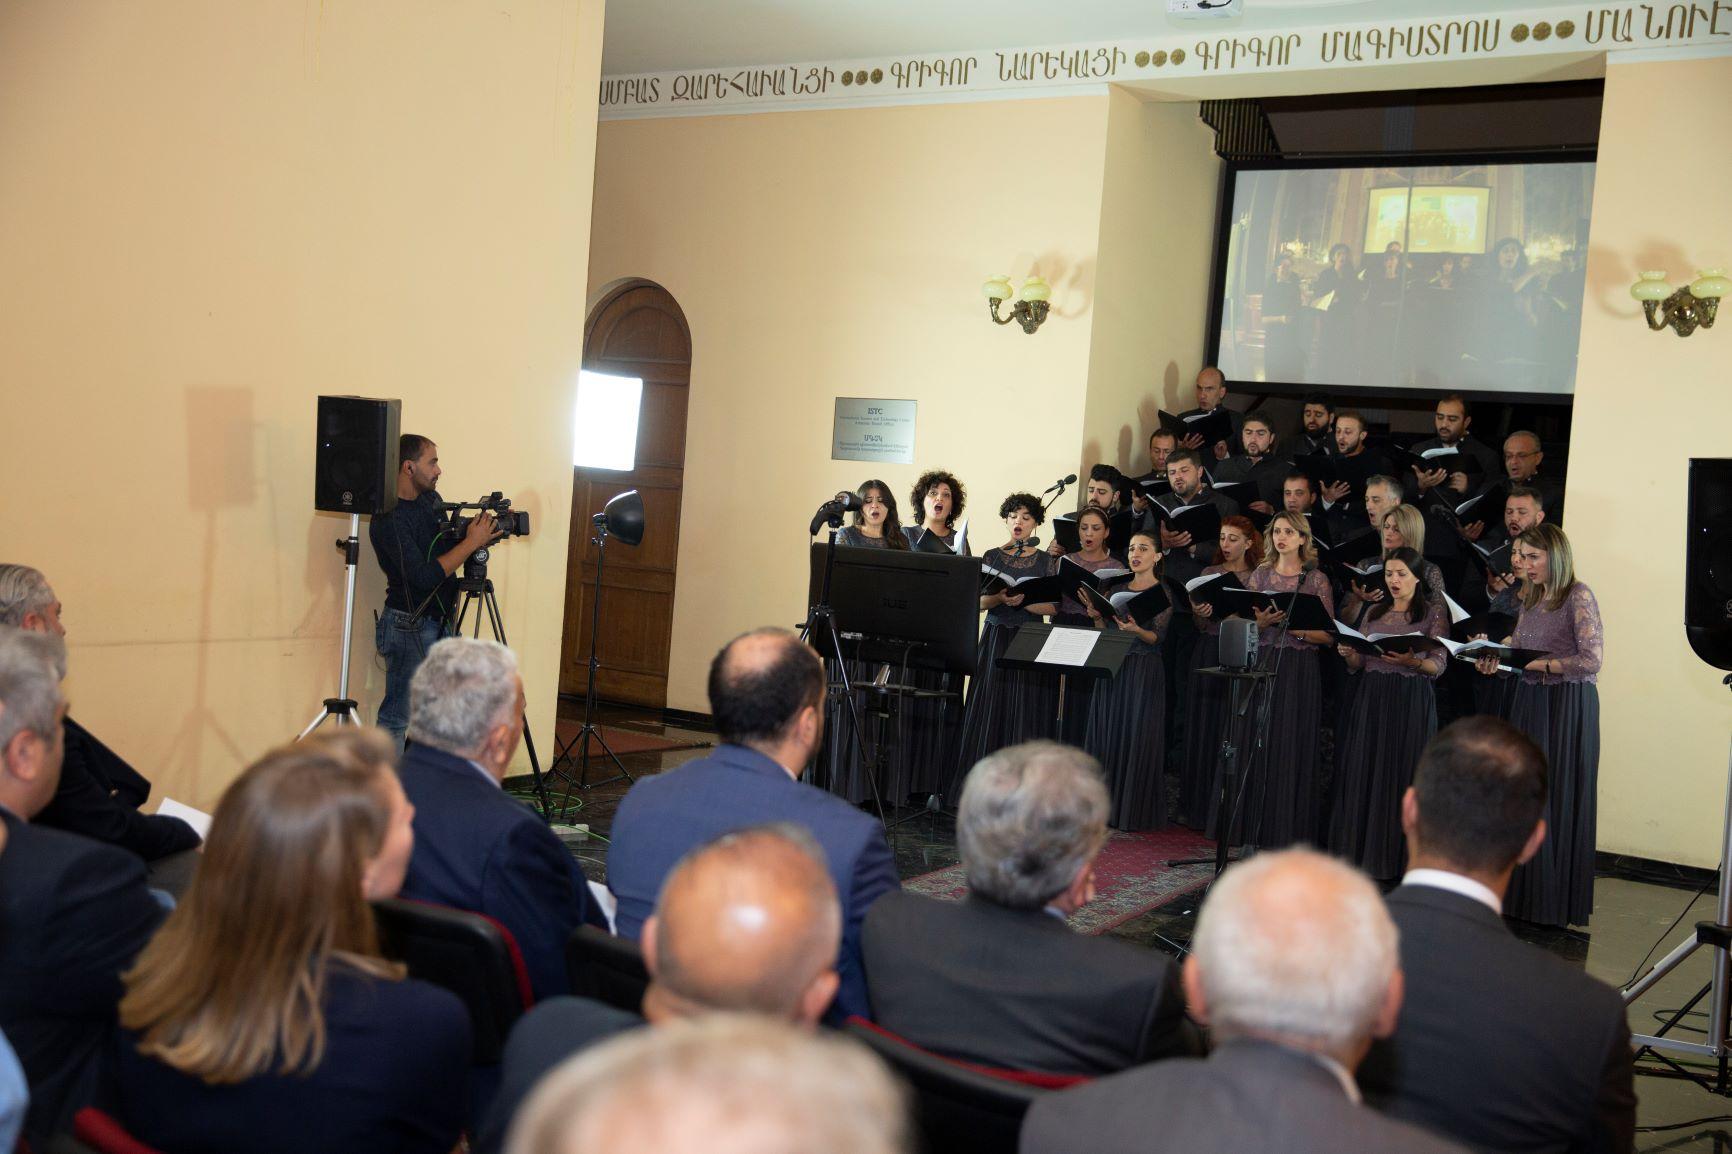 Здавалось, що єреванський та венеціанський хори стояли пліч-о-пліч